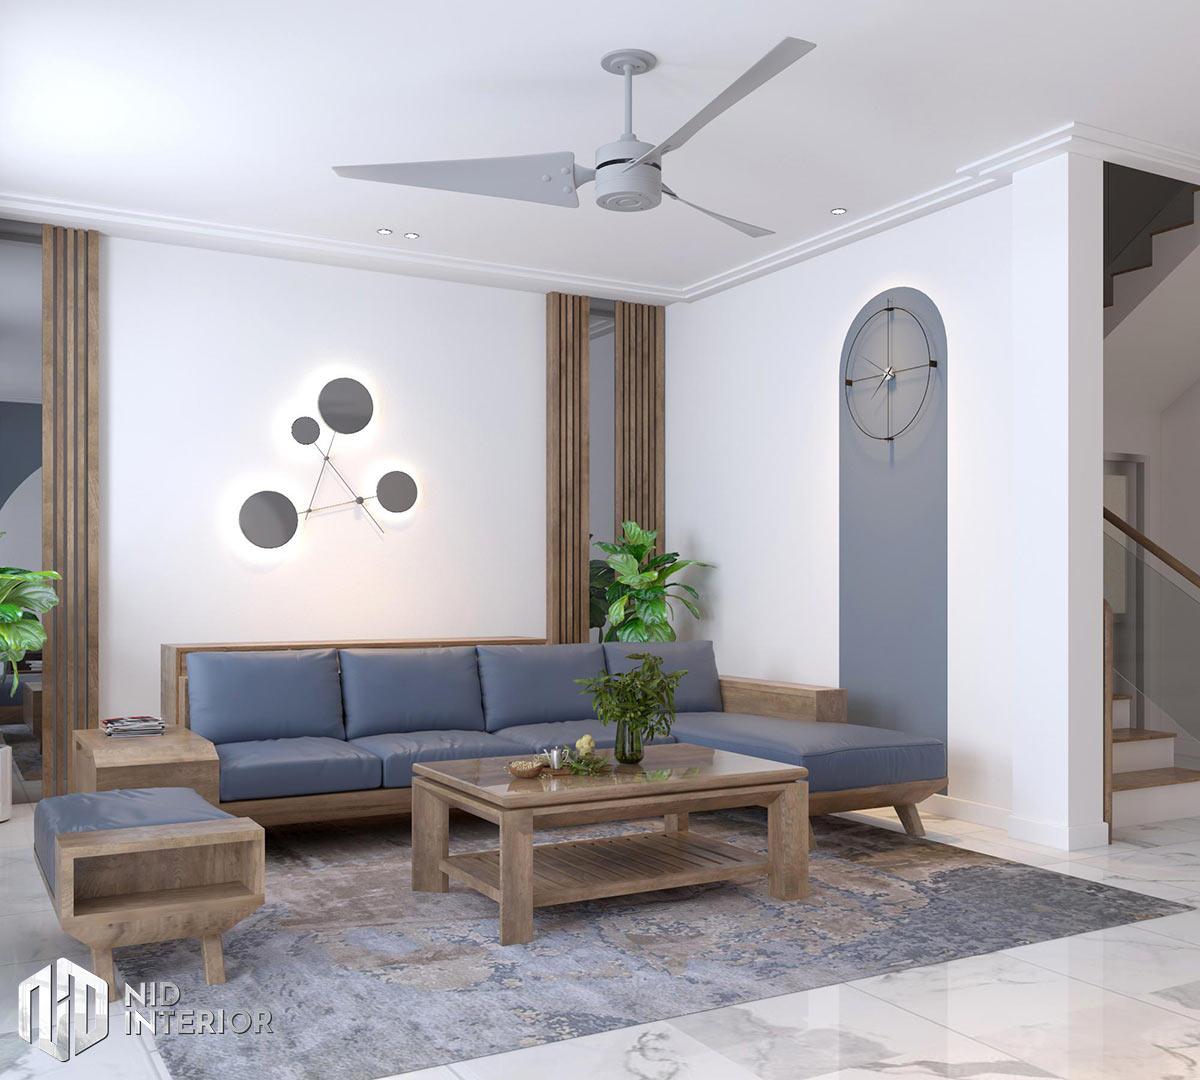 Thiết kế kiến trúc nội thất biệt thự phố 300m2 - Phòng khách chính